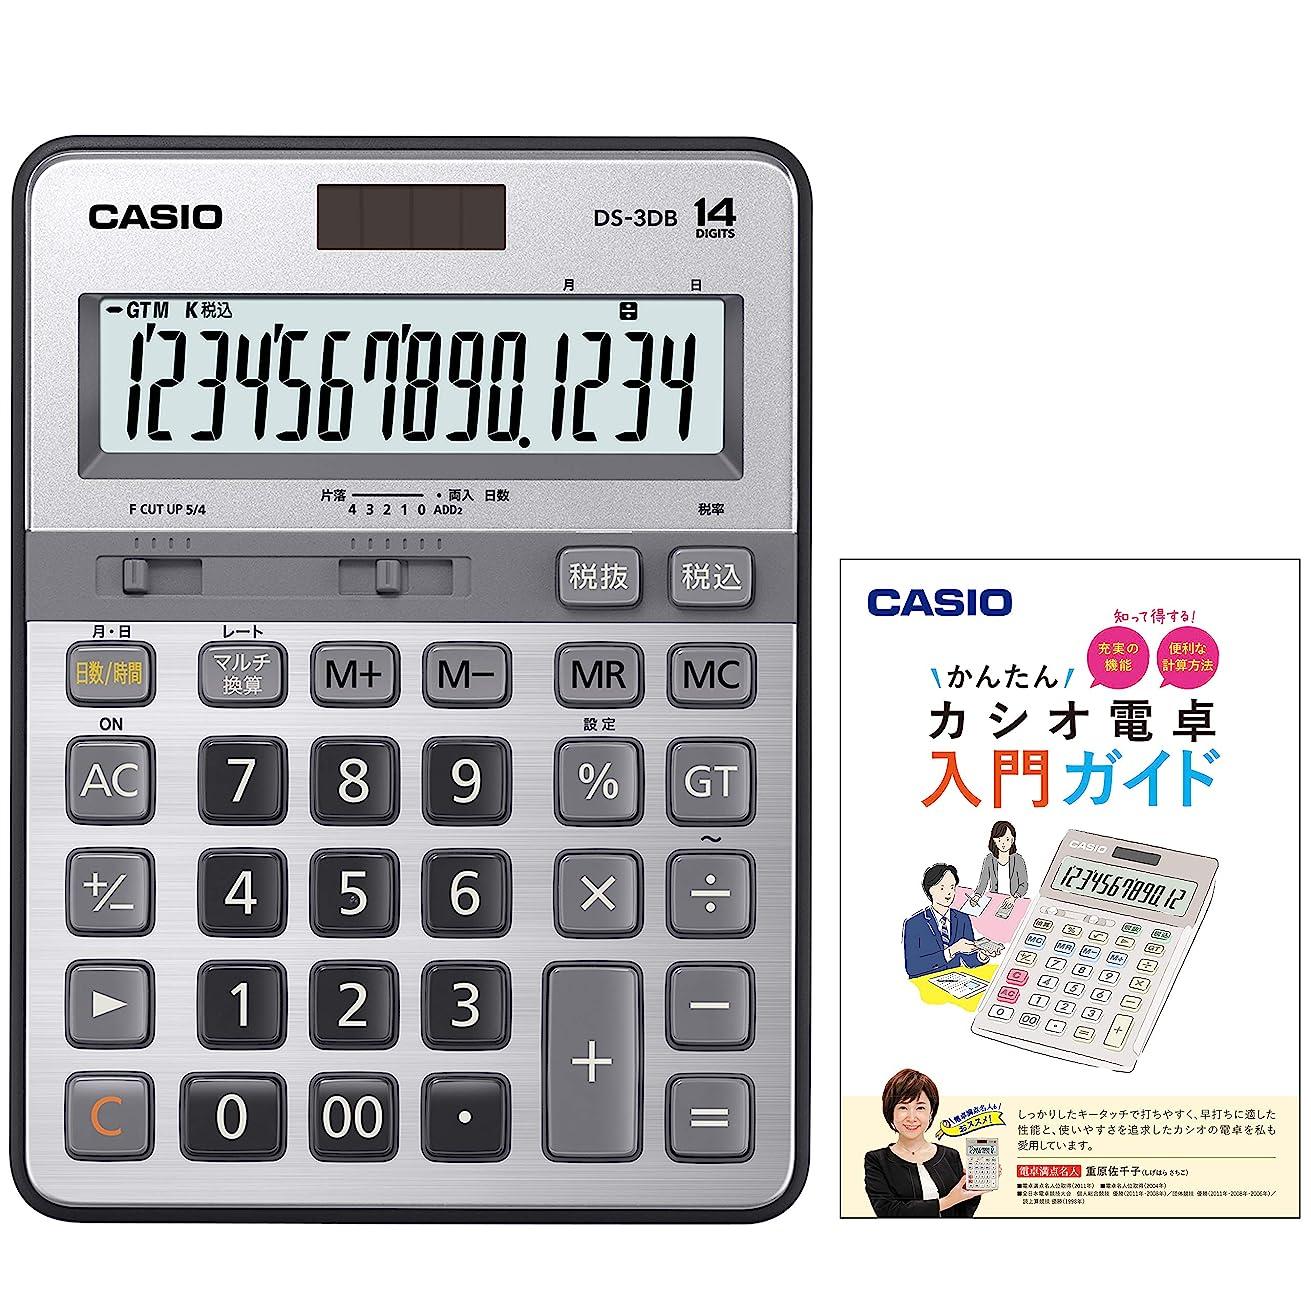 名詞コール自伝カシオ 本格実務電卓 DS-MY33 特典付きセット 日数&時間?税計算 デスクタイプ 14桁